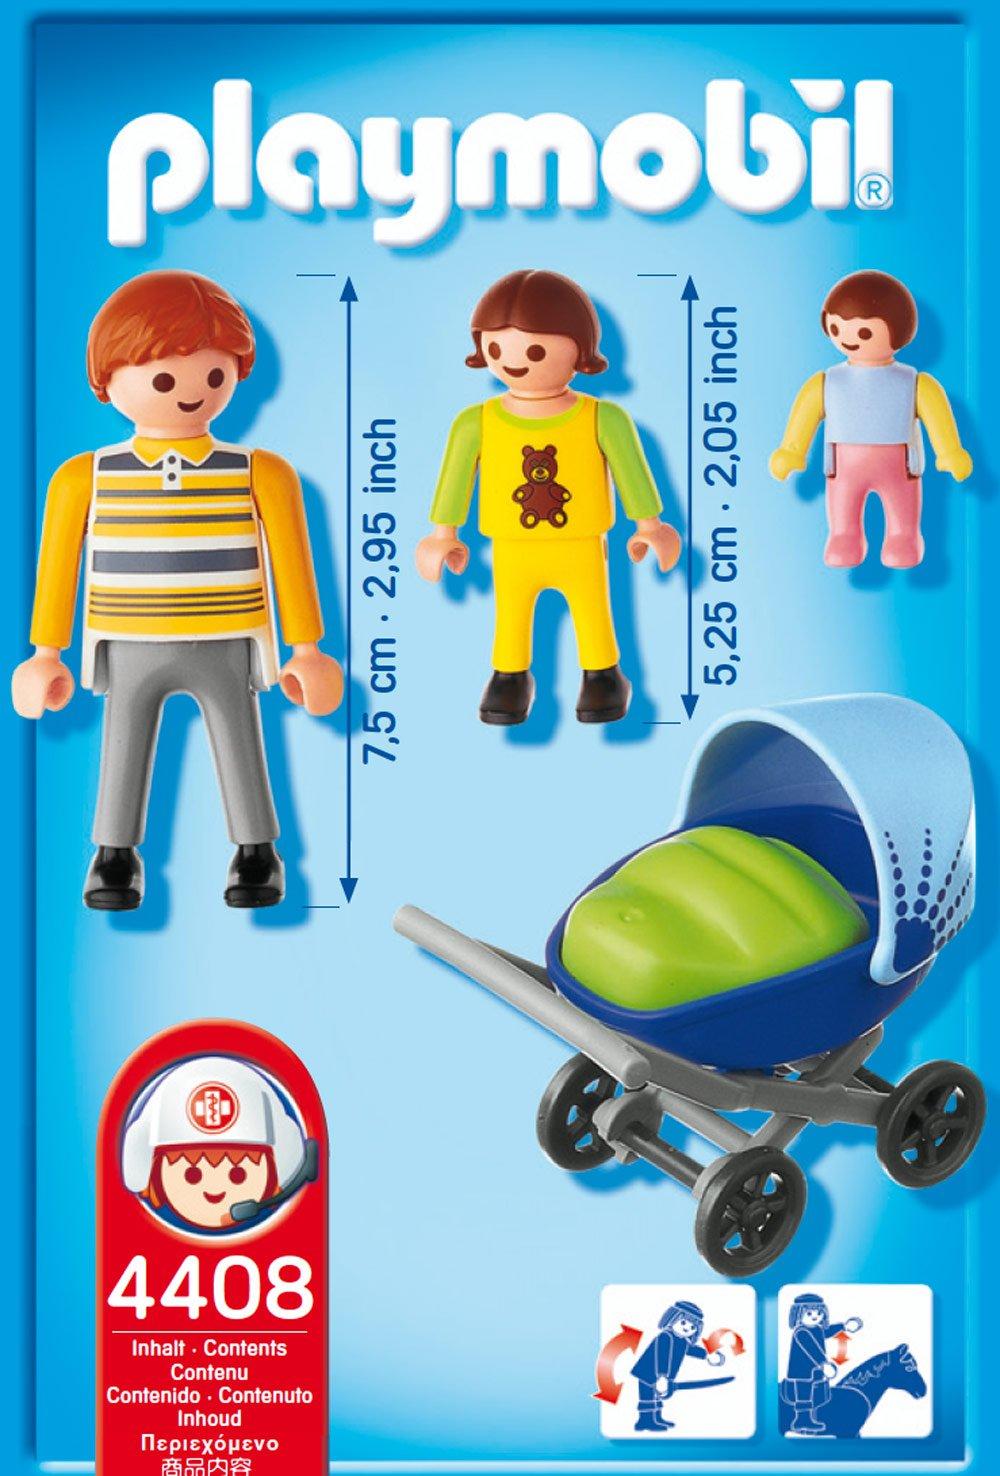 Playmobil 626091 - Hospital Papá C/ Carrito Bebé: Amazon.es: Juguetes y juegos